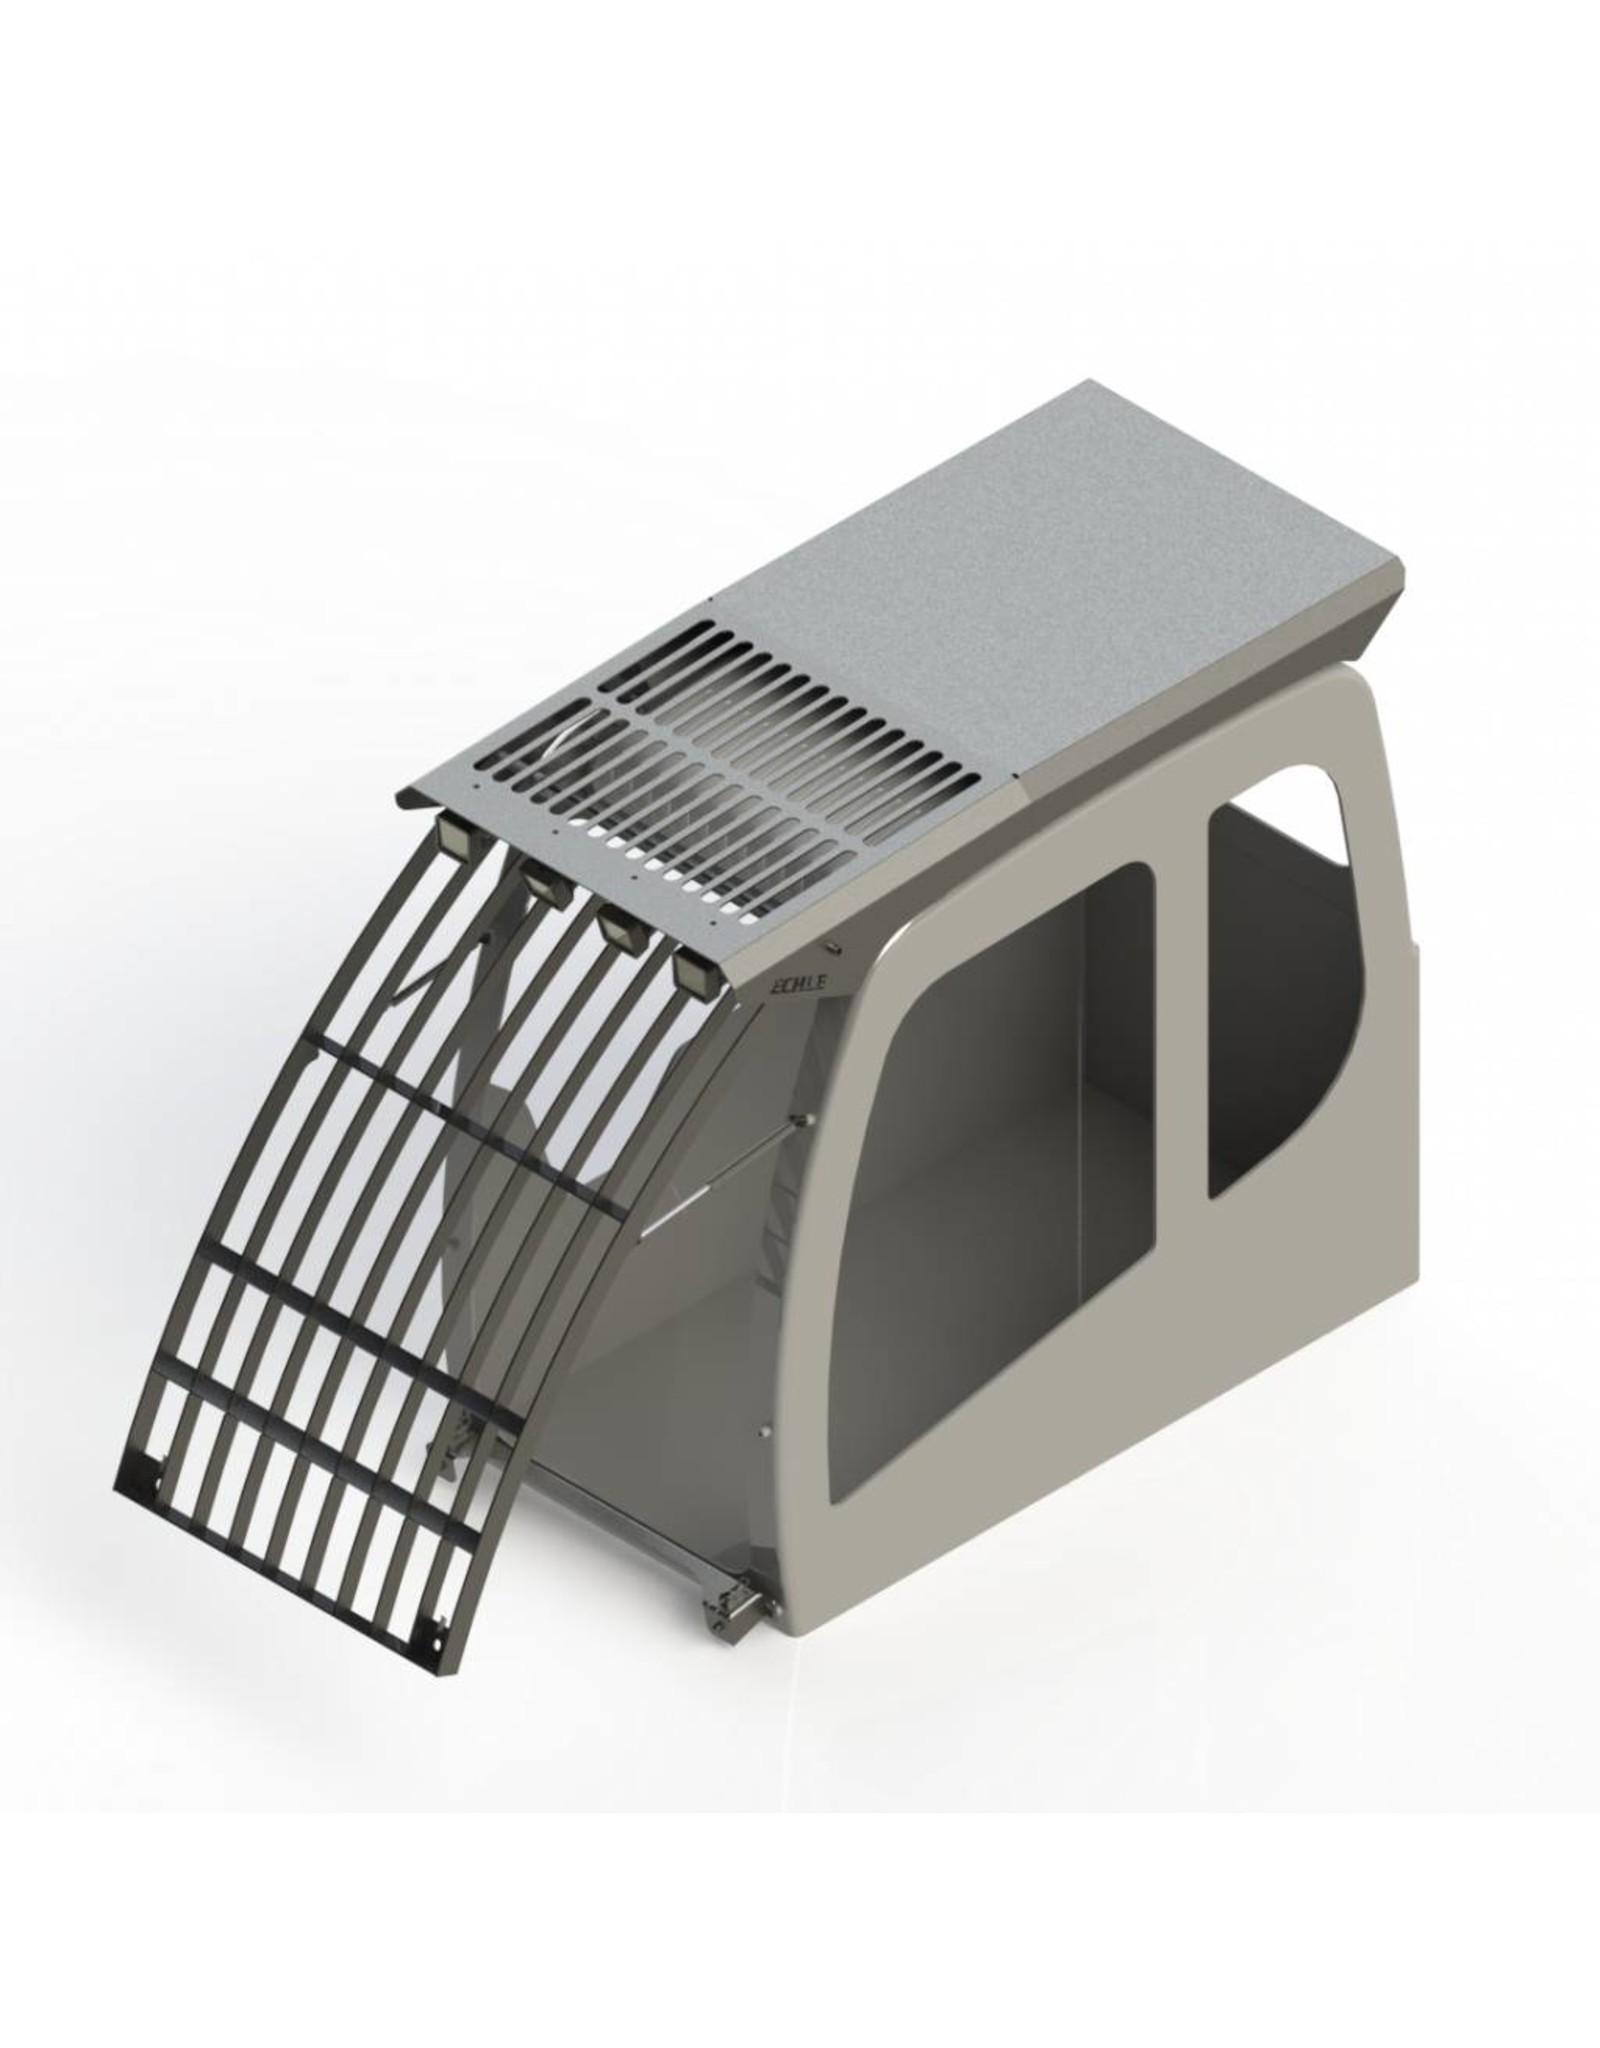 Echle Hartstahl GmbH FOPS pour CAT 314E